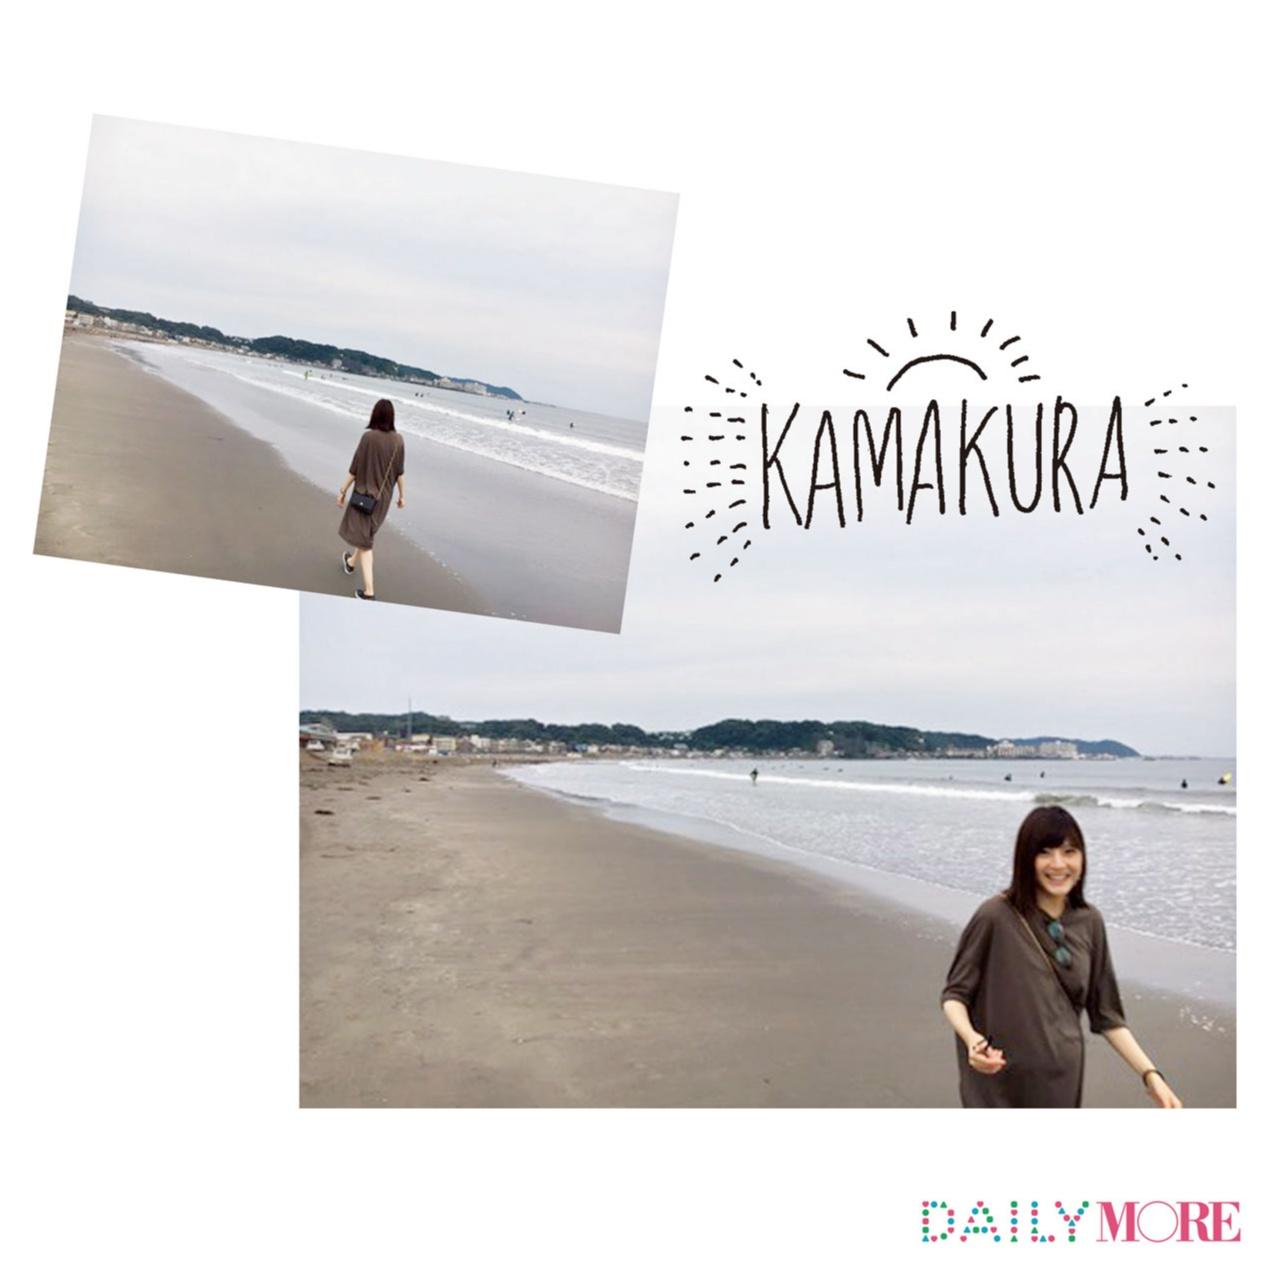 【モアモデルの夏の思い出】ありさは、鎌倉散歩でリフレッシュしたよ~(^^♪_1